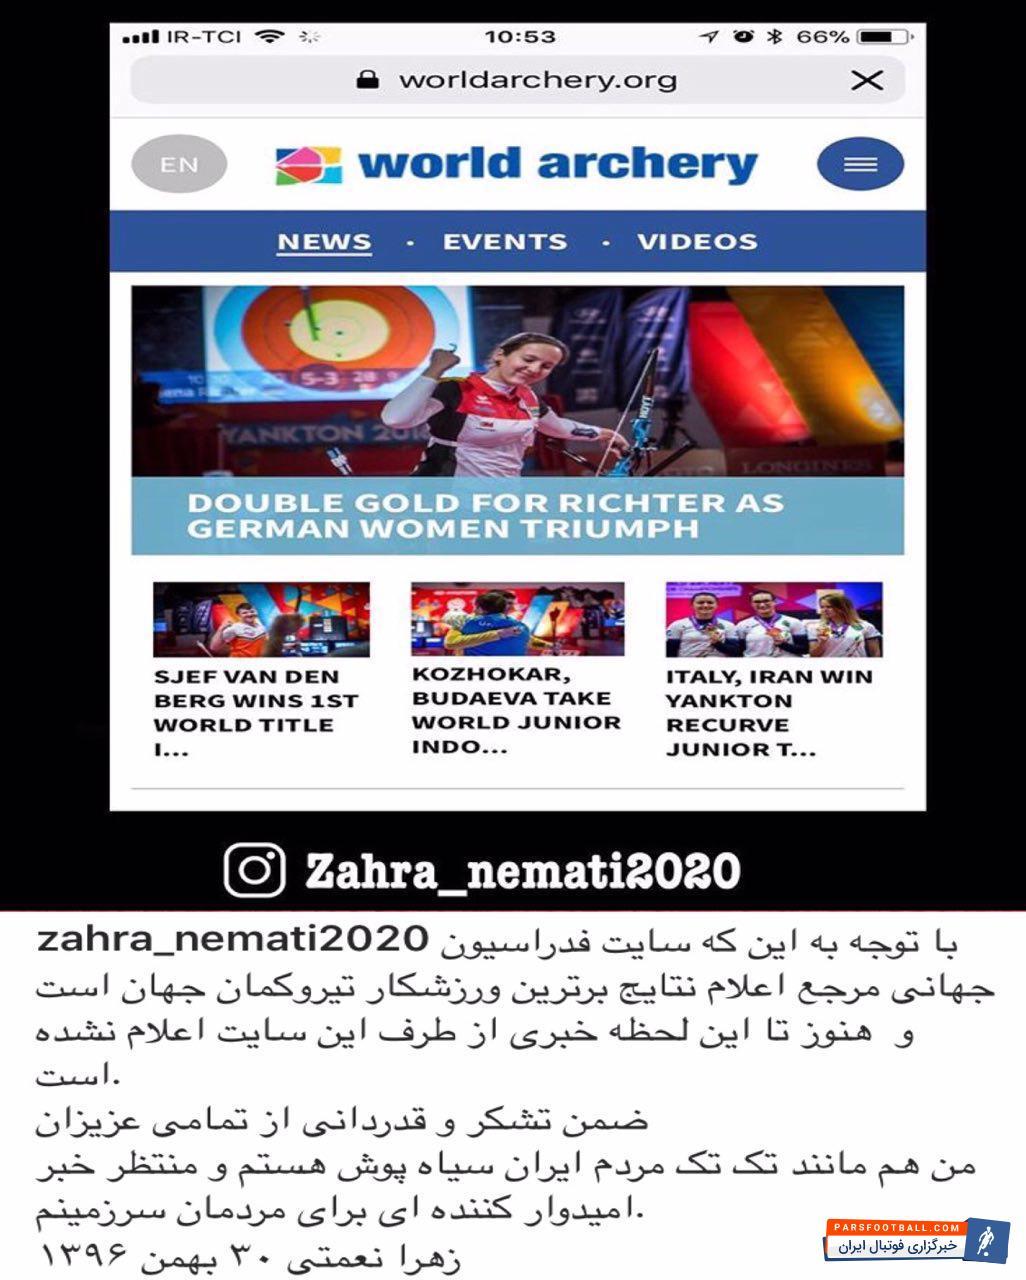 عکس ؛ واکنش بانوی قهرمان به خبر انتخابش به عنوان برترین ورزشکار جهان